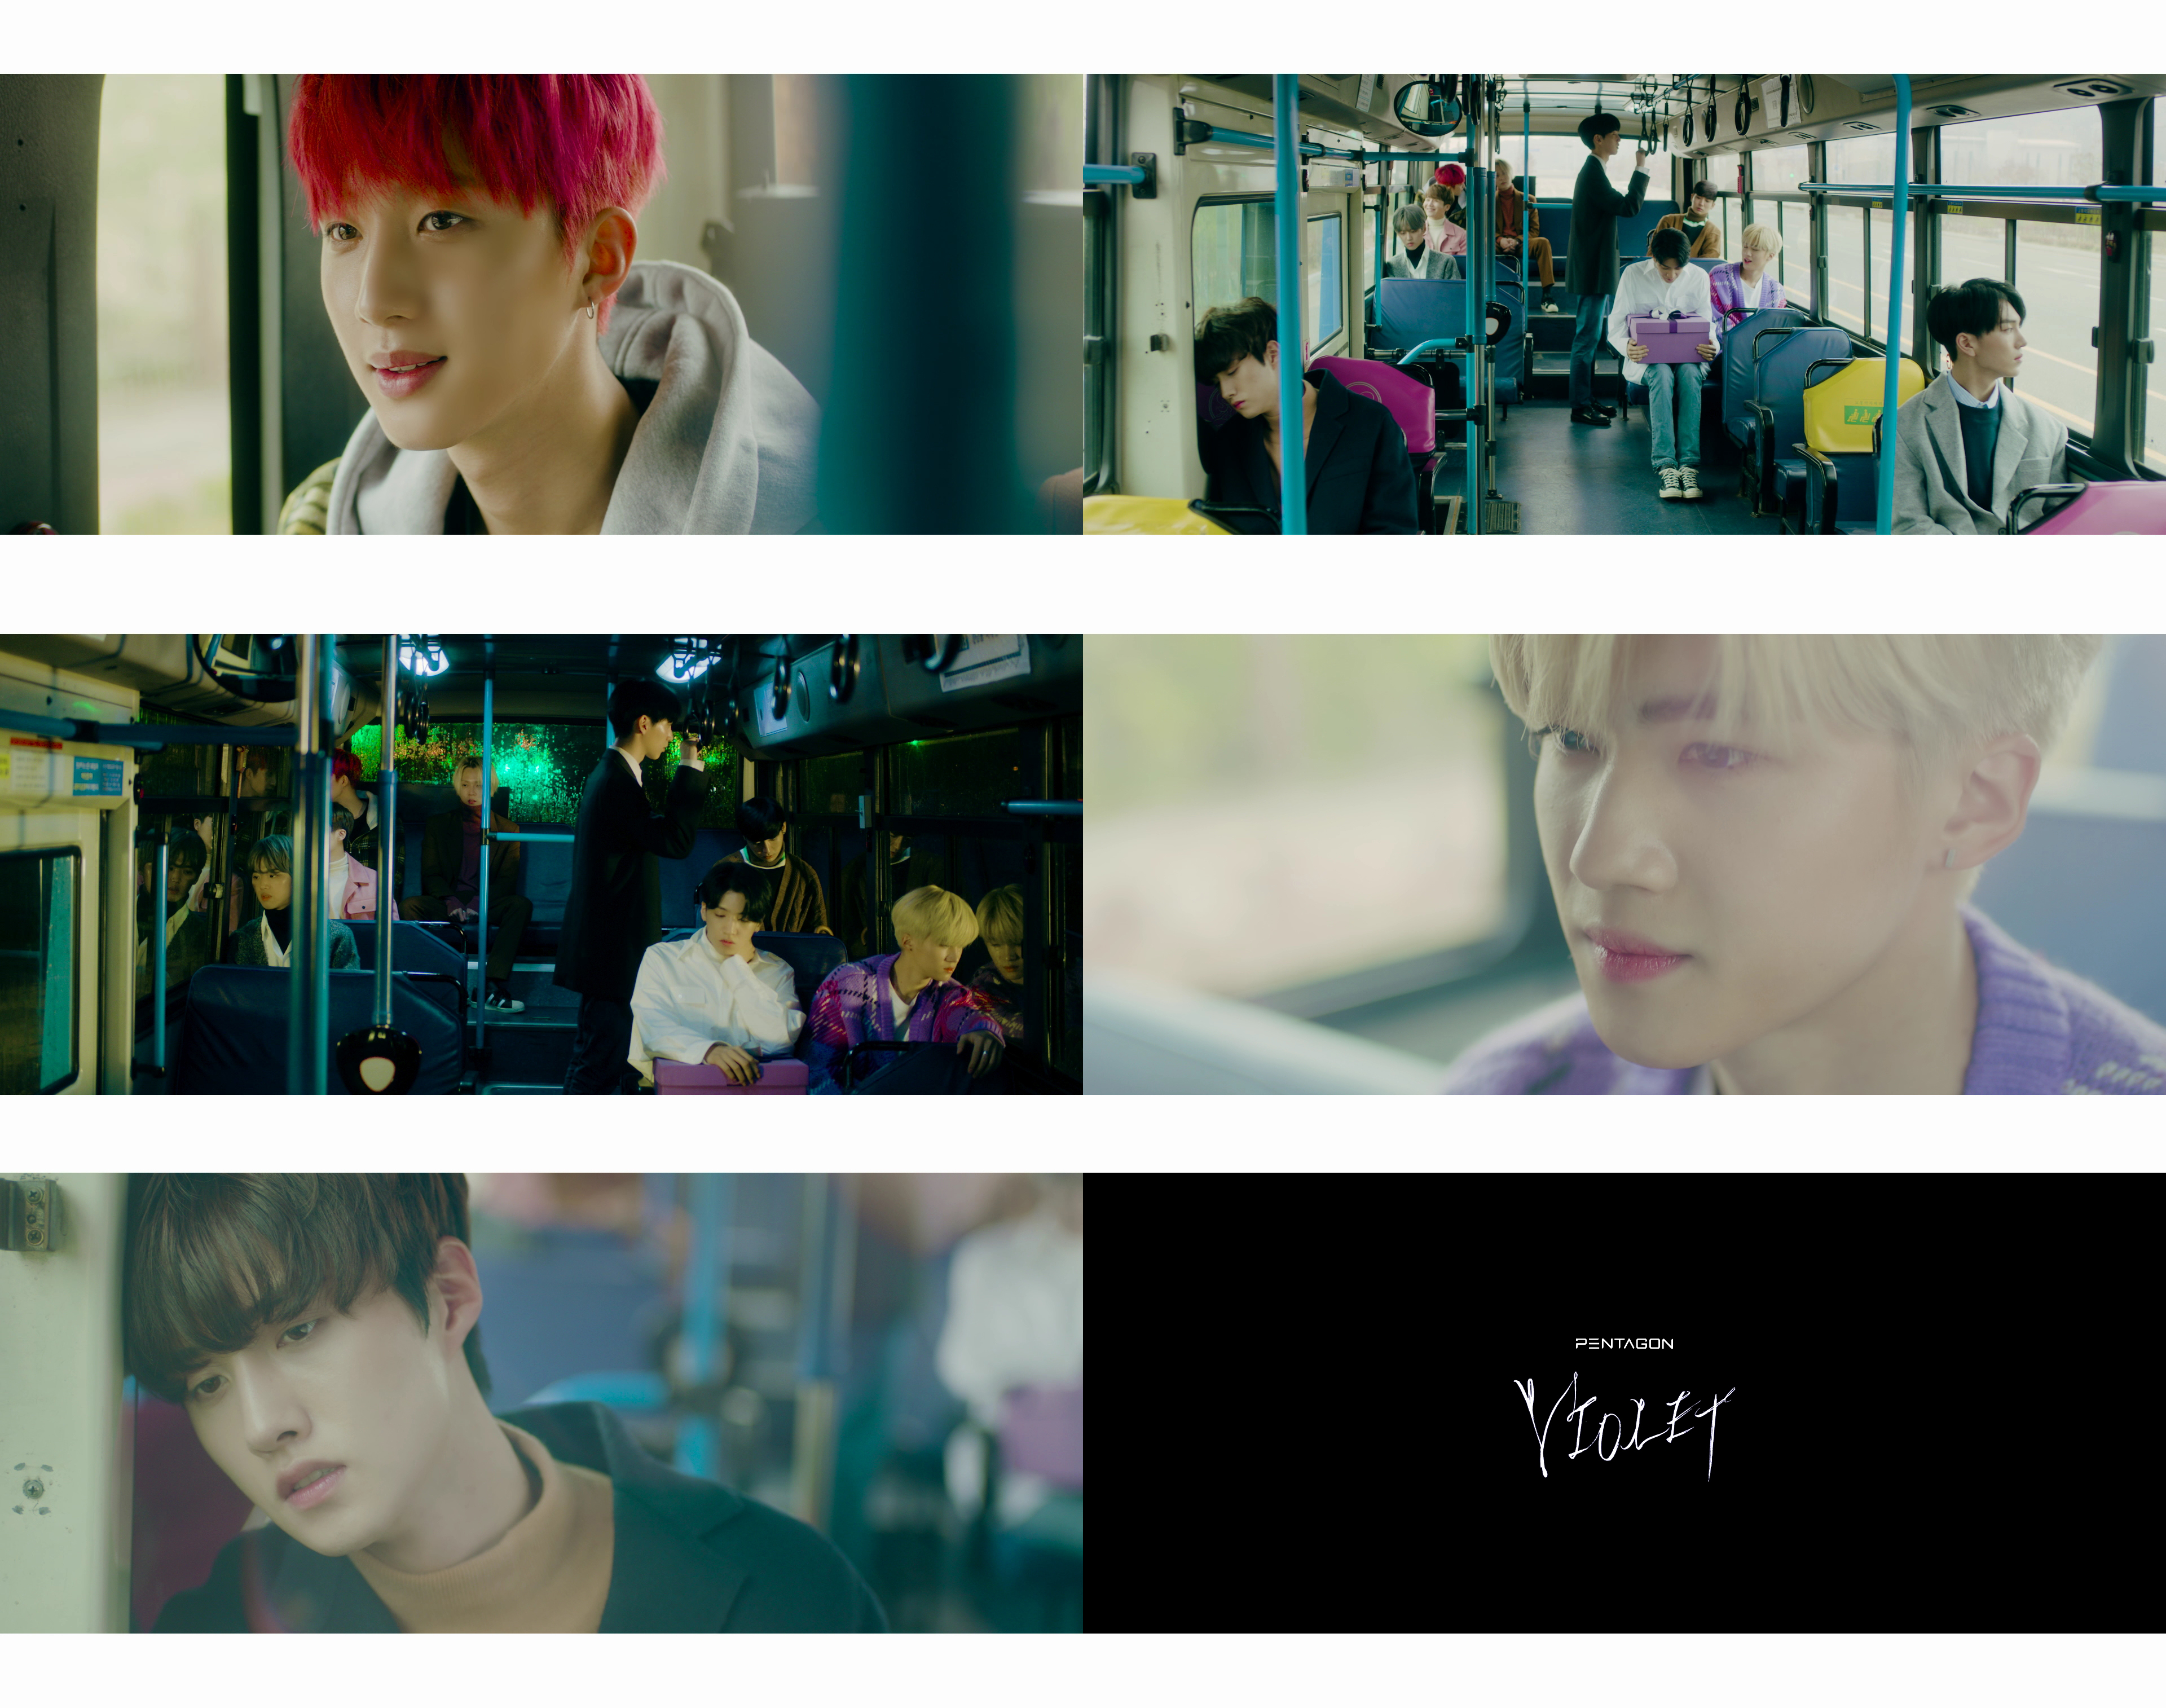 펜타곤, 키노 자작곡 'VIOLET' 뮤직비디오 공개! 팬들 위한 '깜짝 선물'